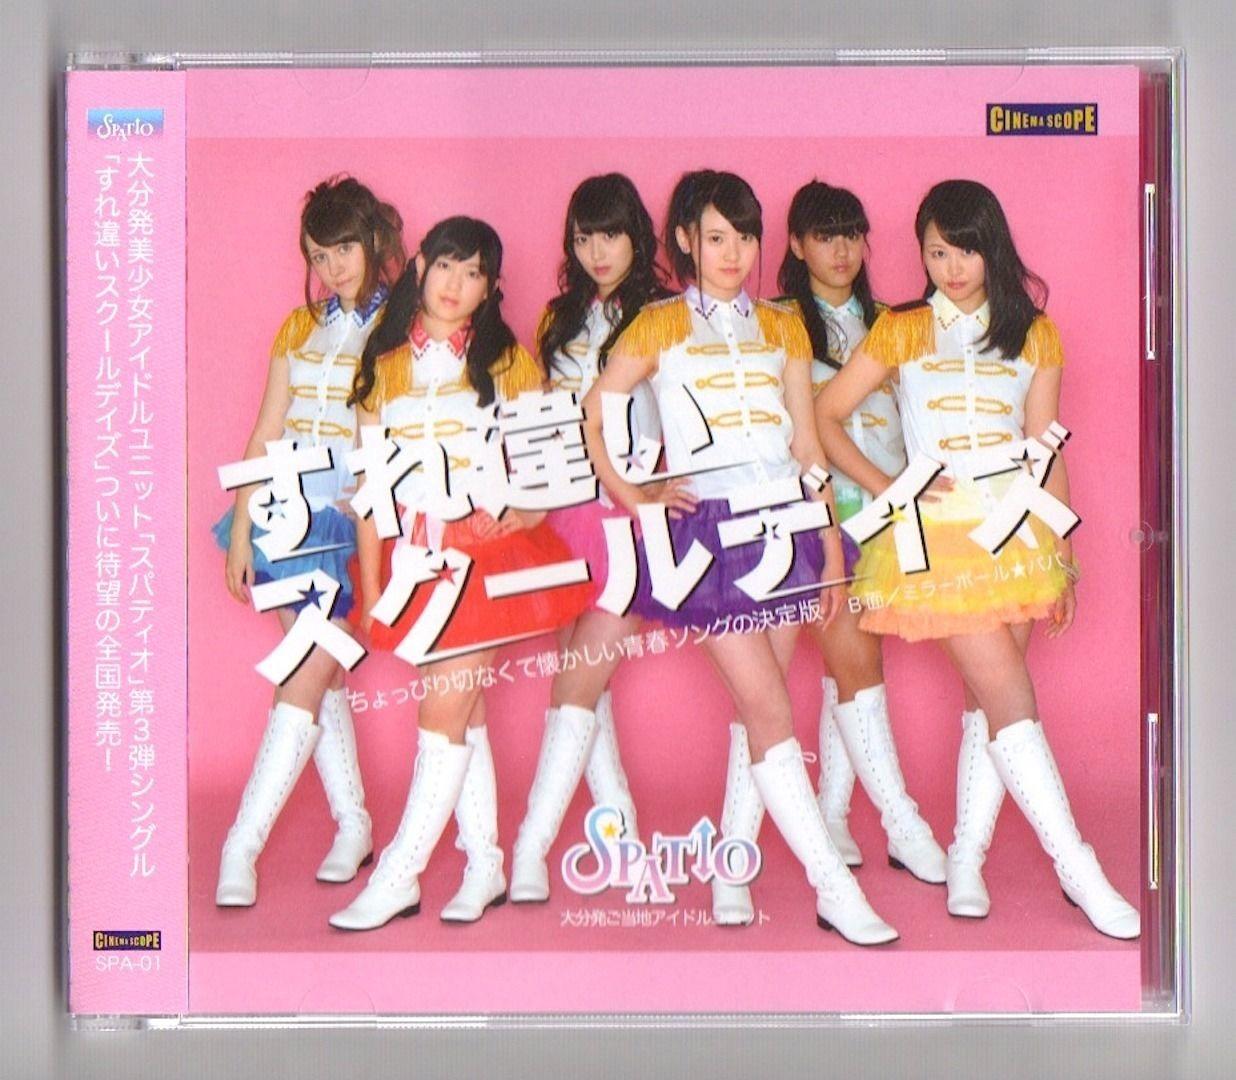 第3弾シングルCD「すれ違いスクールデイズ」